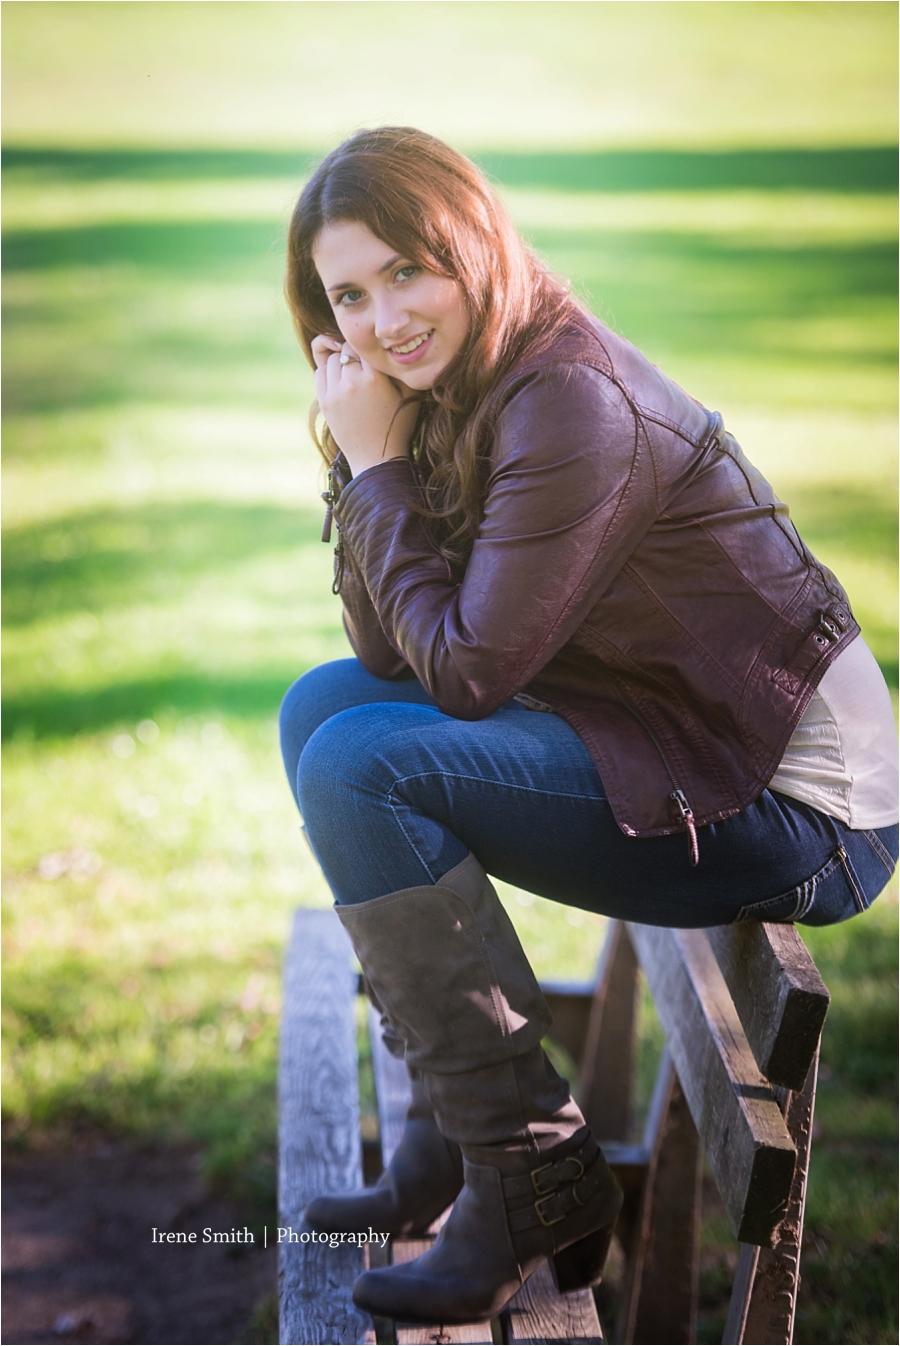 Senior-photography-Irene-Smith-Photography-Oil-City-Franklin-Pennsylvania_0021.jpg